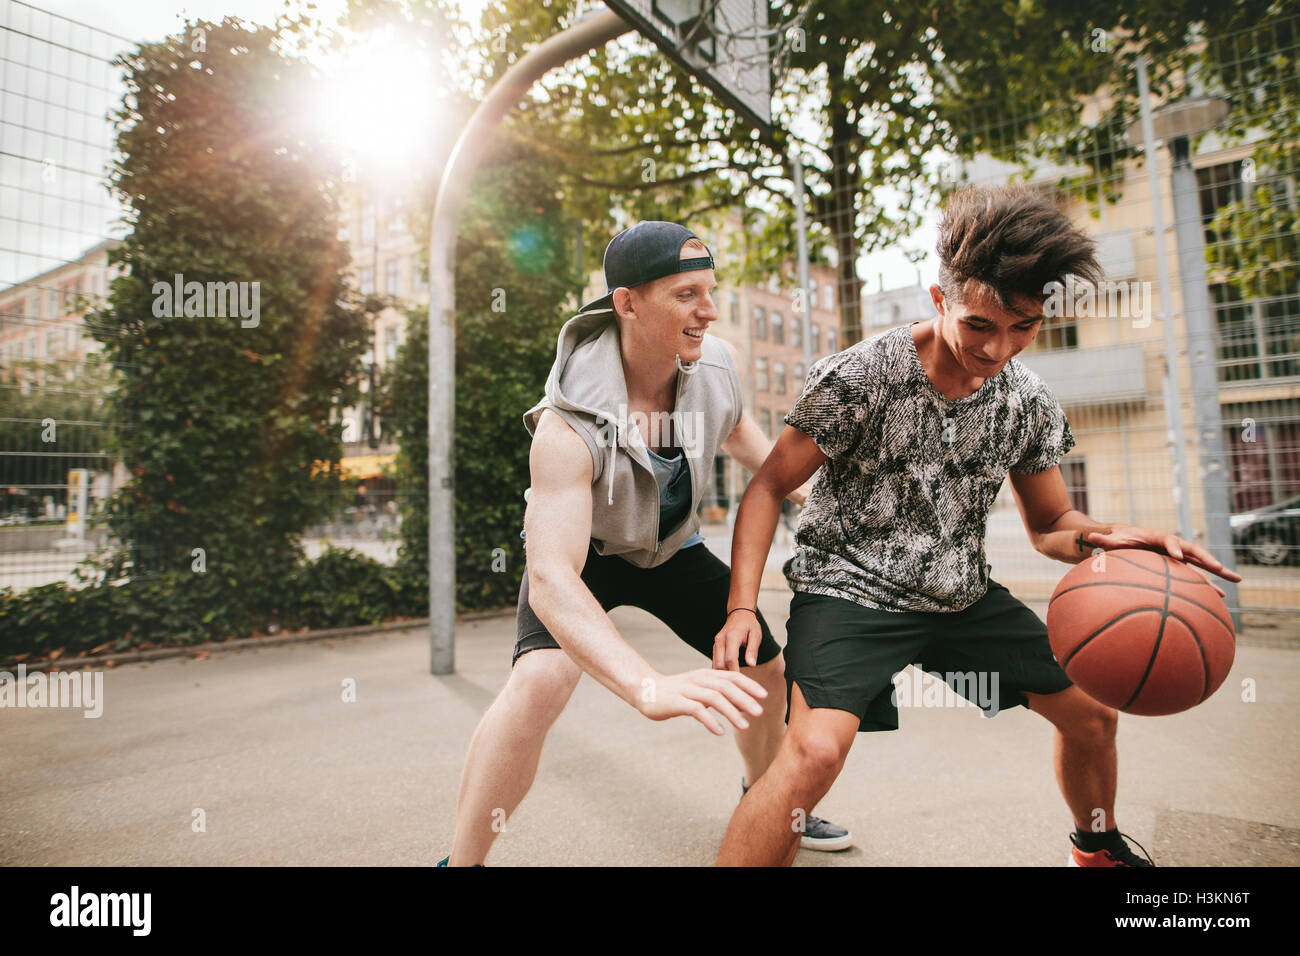 Dos jóvenes amigos jugando baloncesto en la cancha al aire libre y divertirse. Streetball jugadores tienen Imagen De Stock